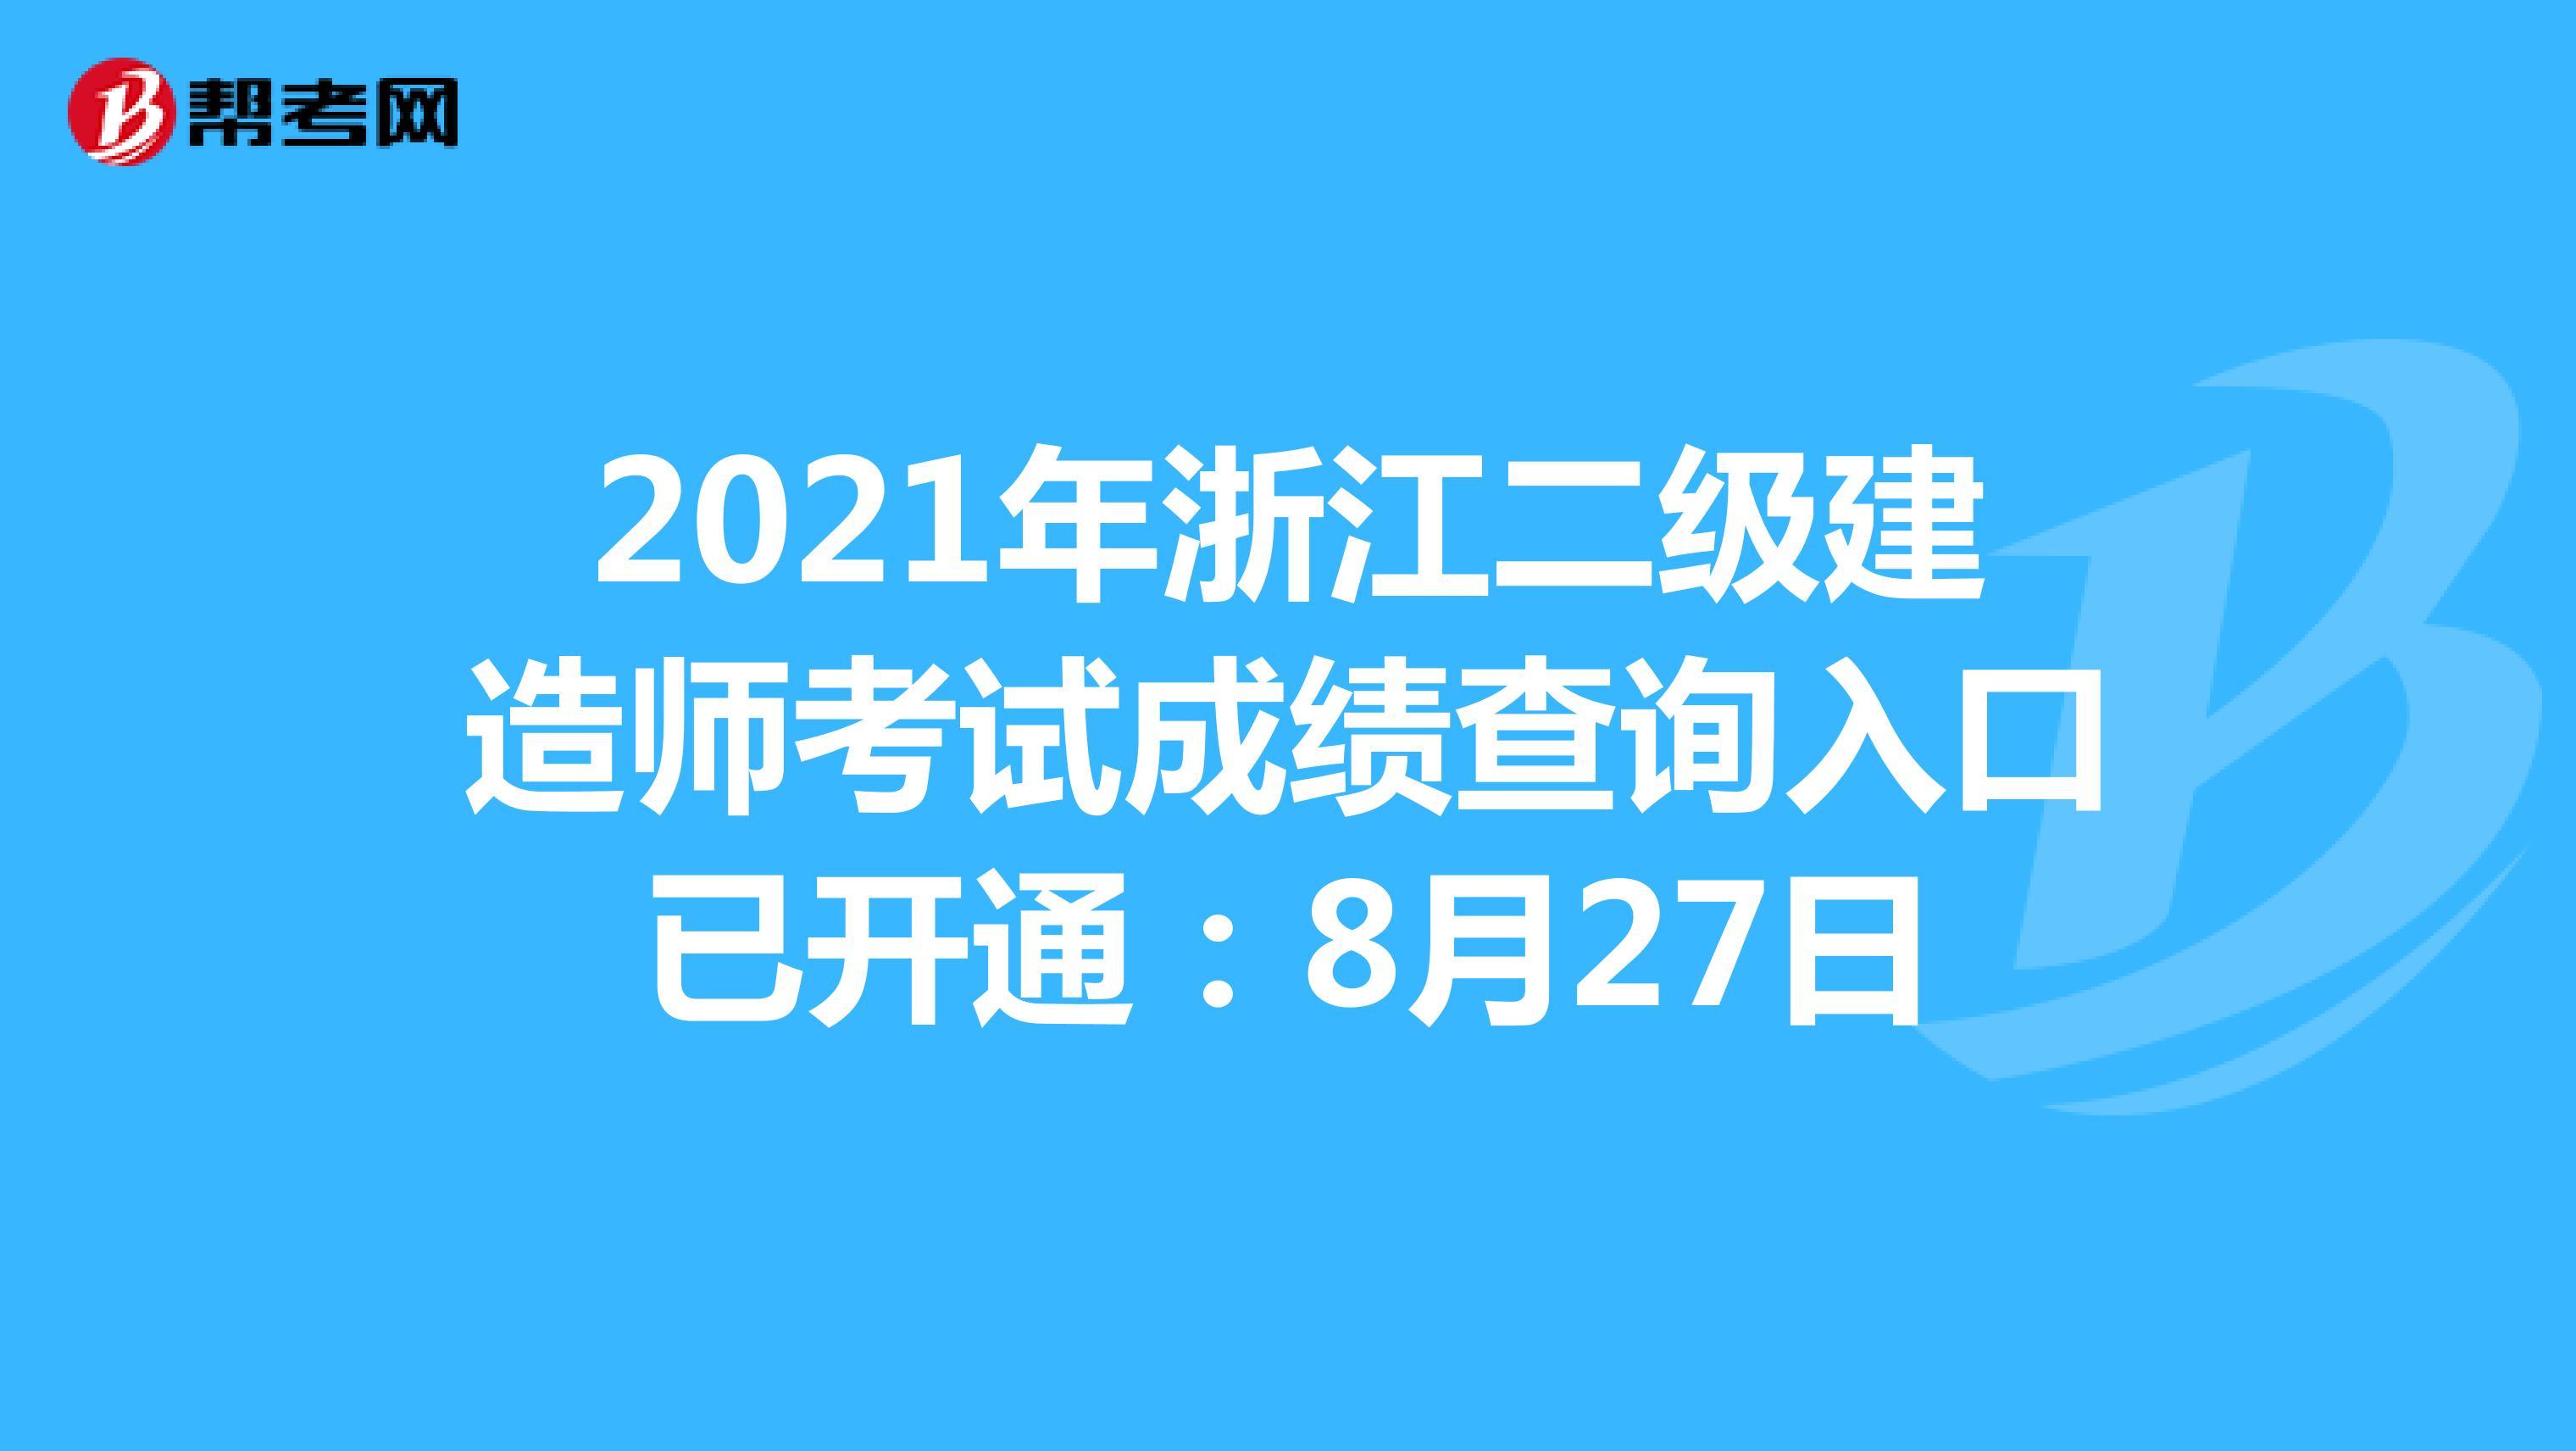 2021年浙江二级建造师考试成绩查询入口已开通:8月27日